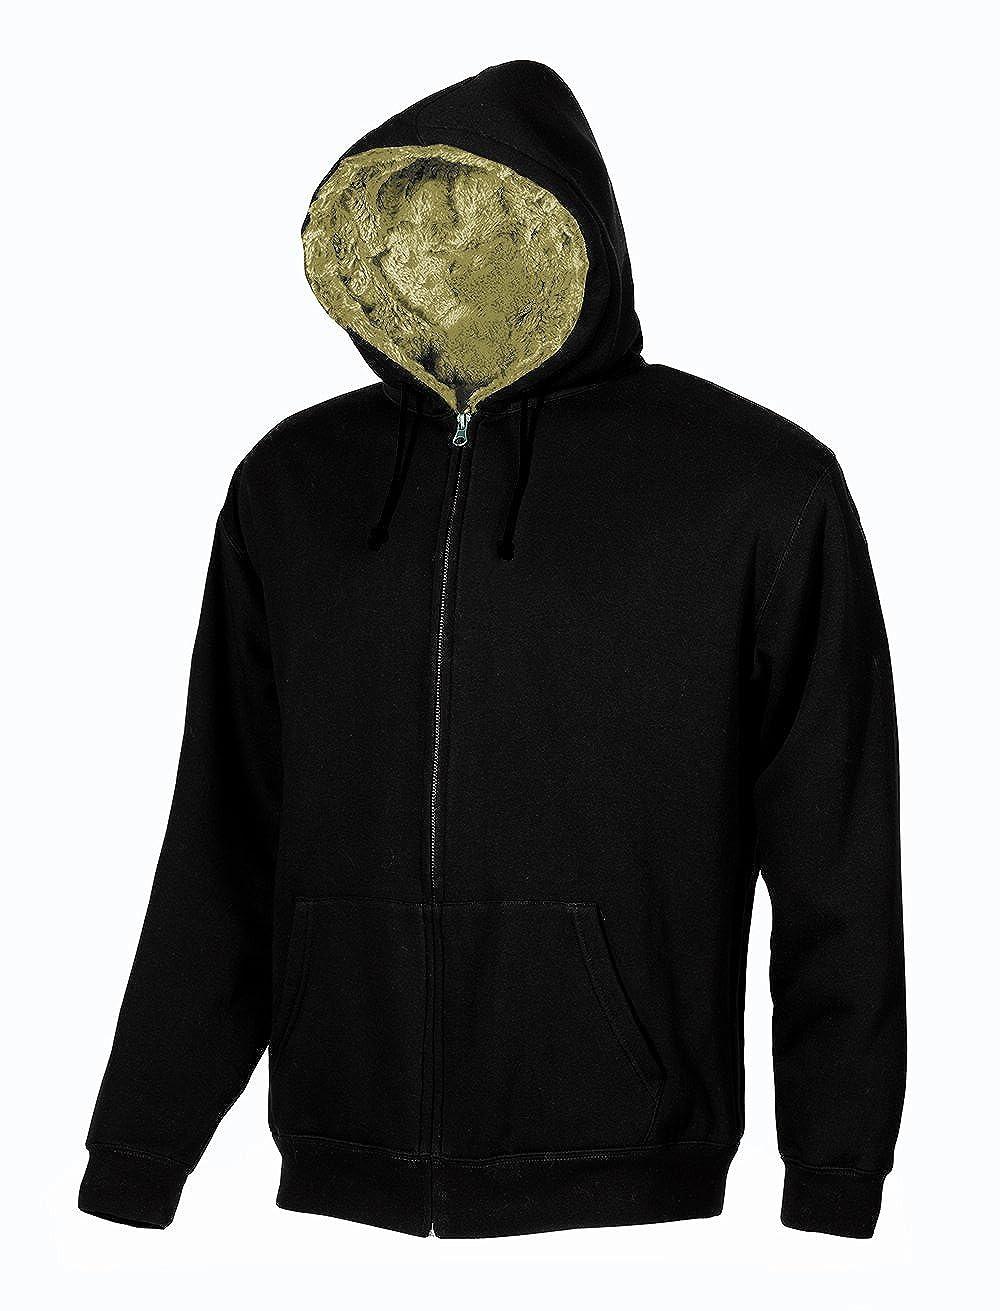 Synthetic Fur Hooded Sweatshirt Brown Full Zip U-Power Fur